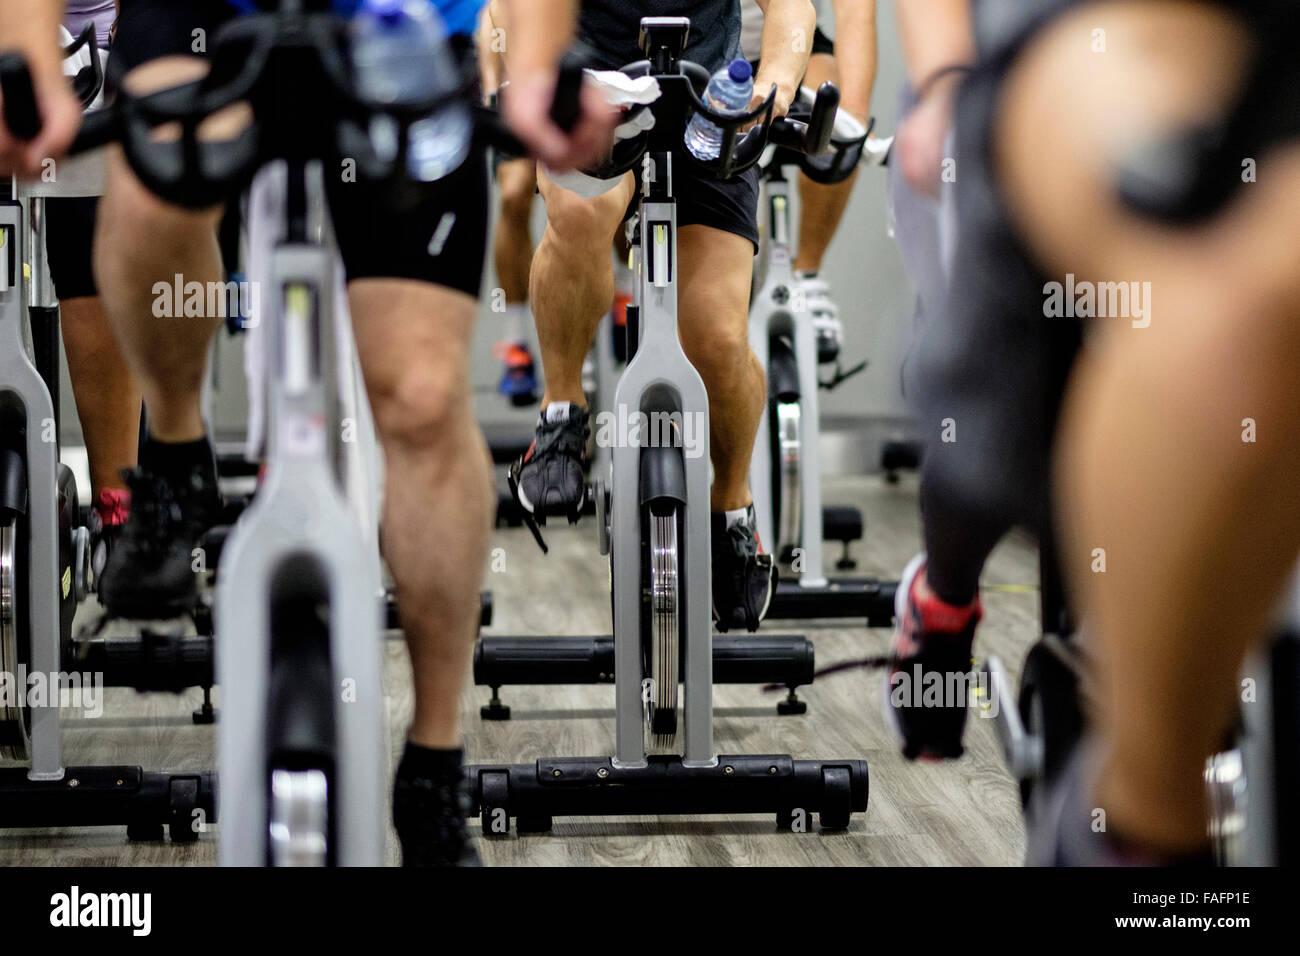 Les bicyclettes stationnaires pendant un cours de gym spinning Photo Stock